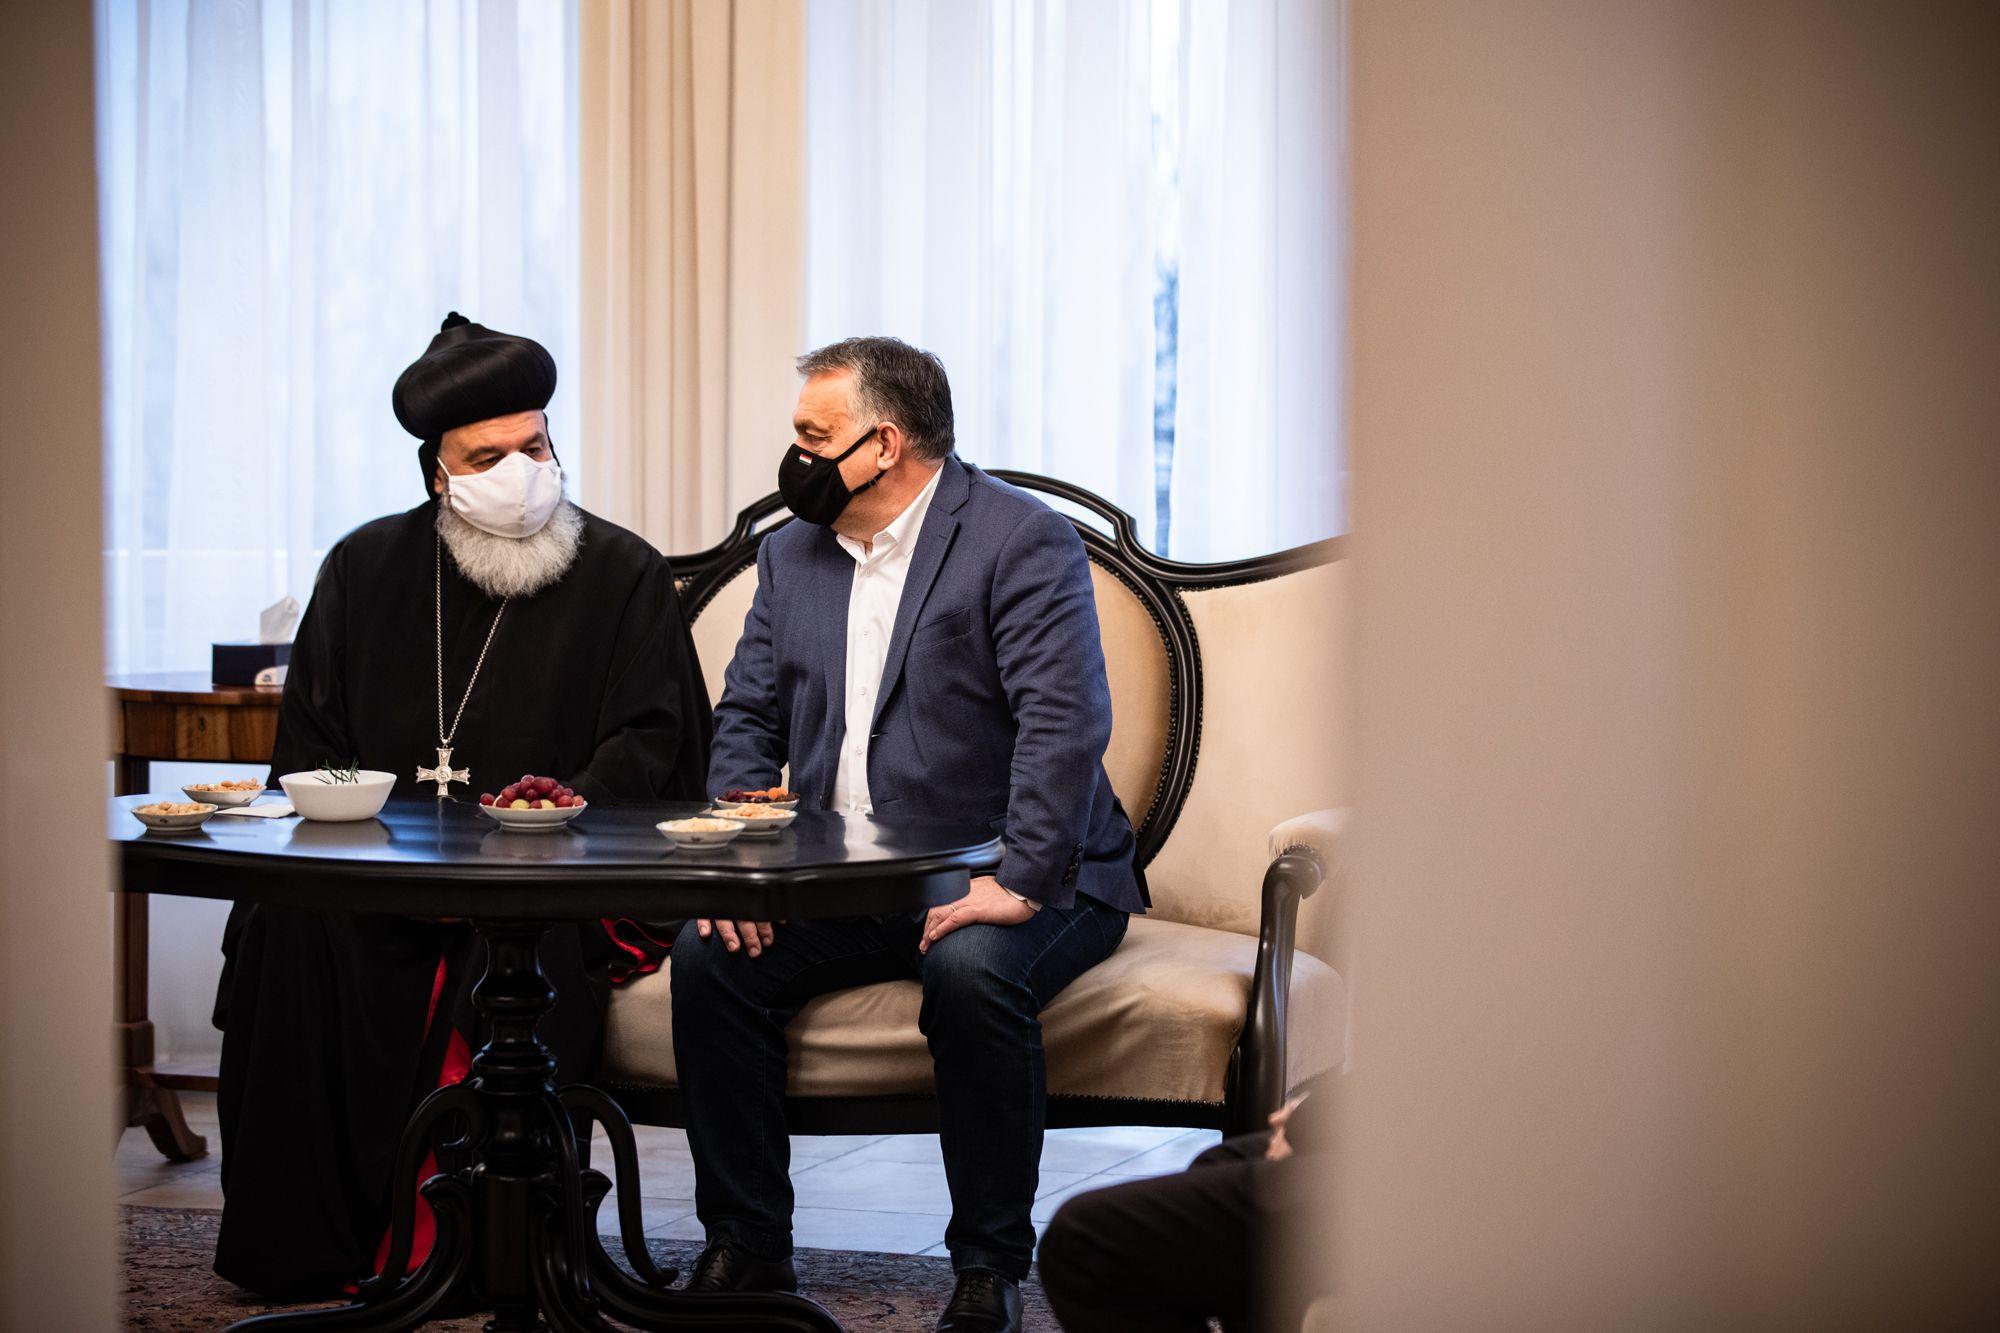 orban viktor Kadar villa szir patriarka